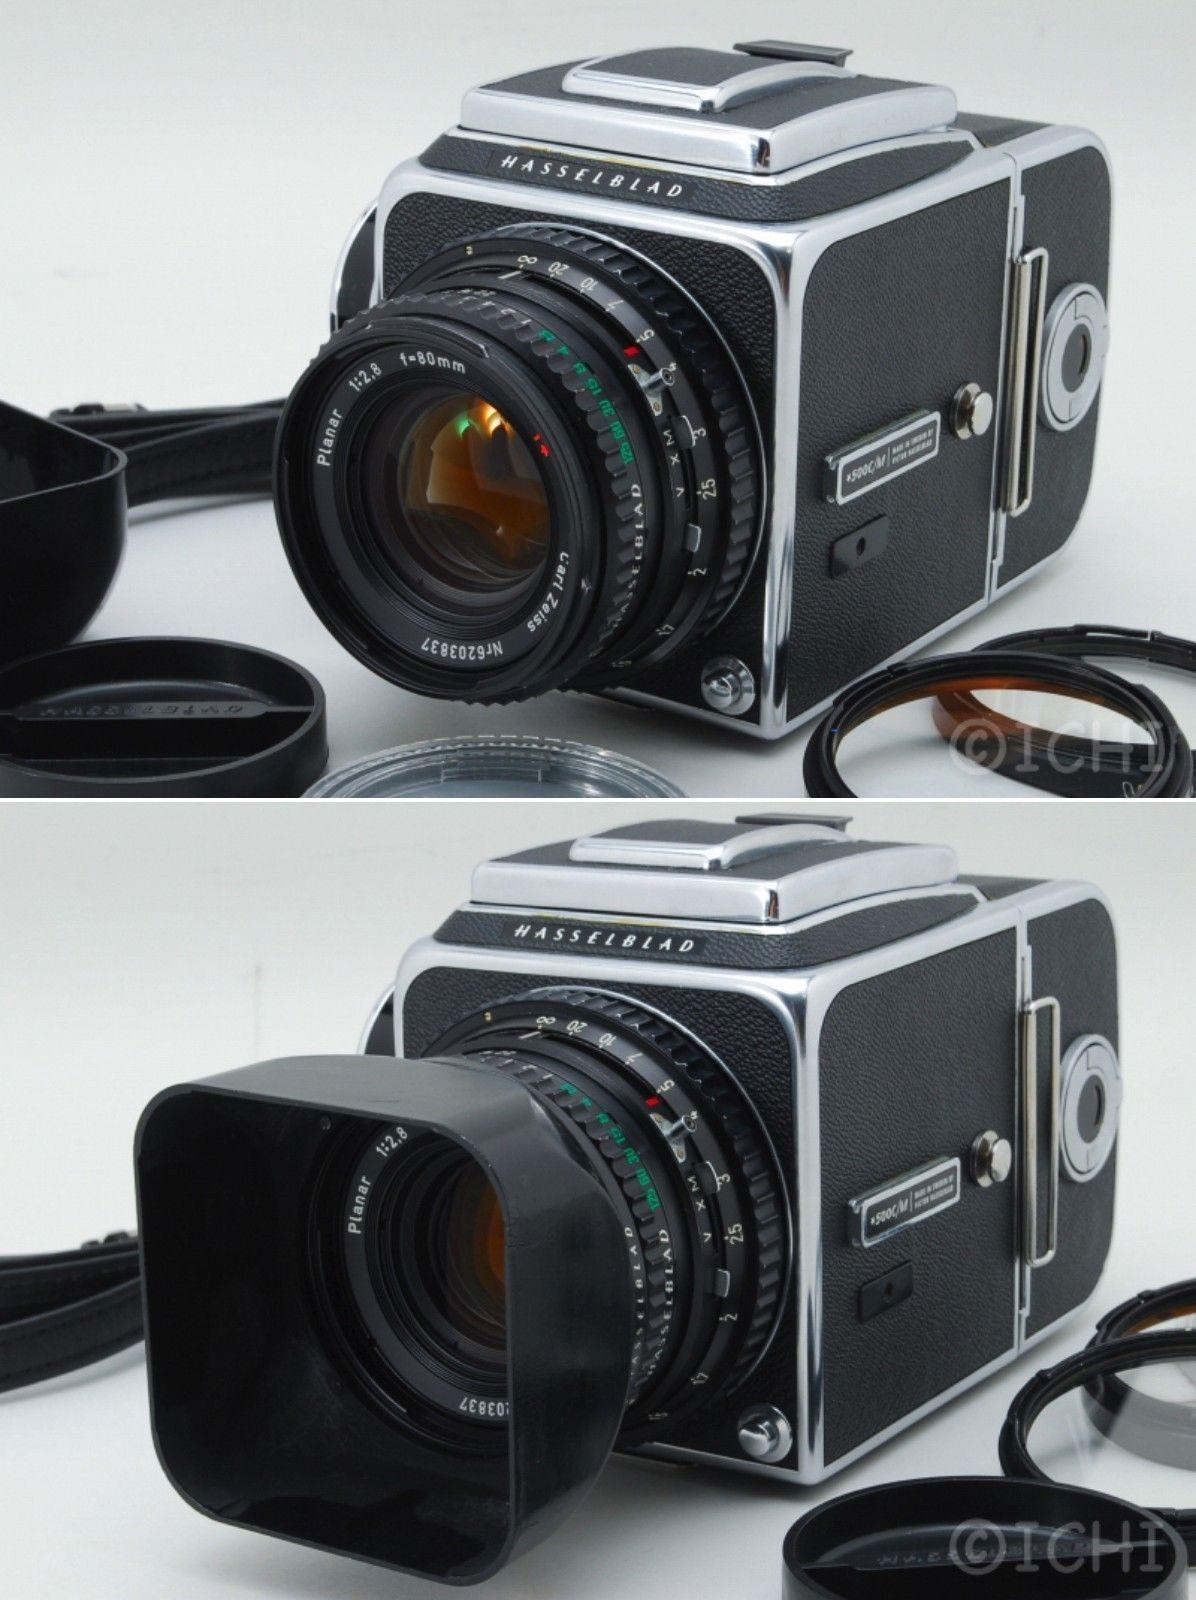 Details about [Near Mint] Hasselblad 500CM 500C/M + Planar C T* 80mm